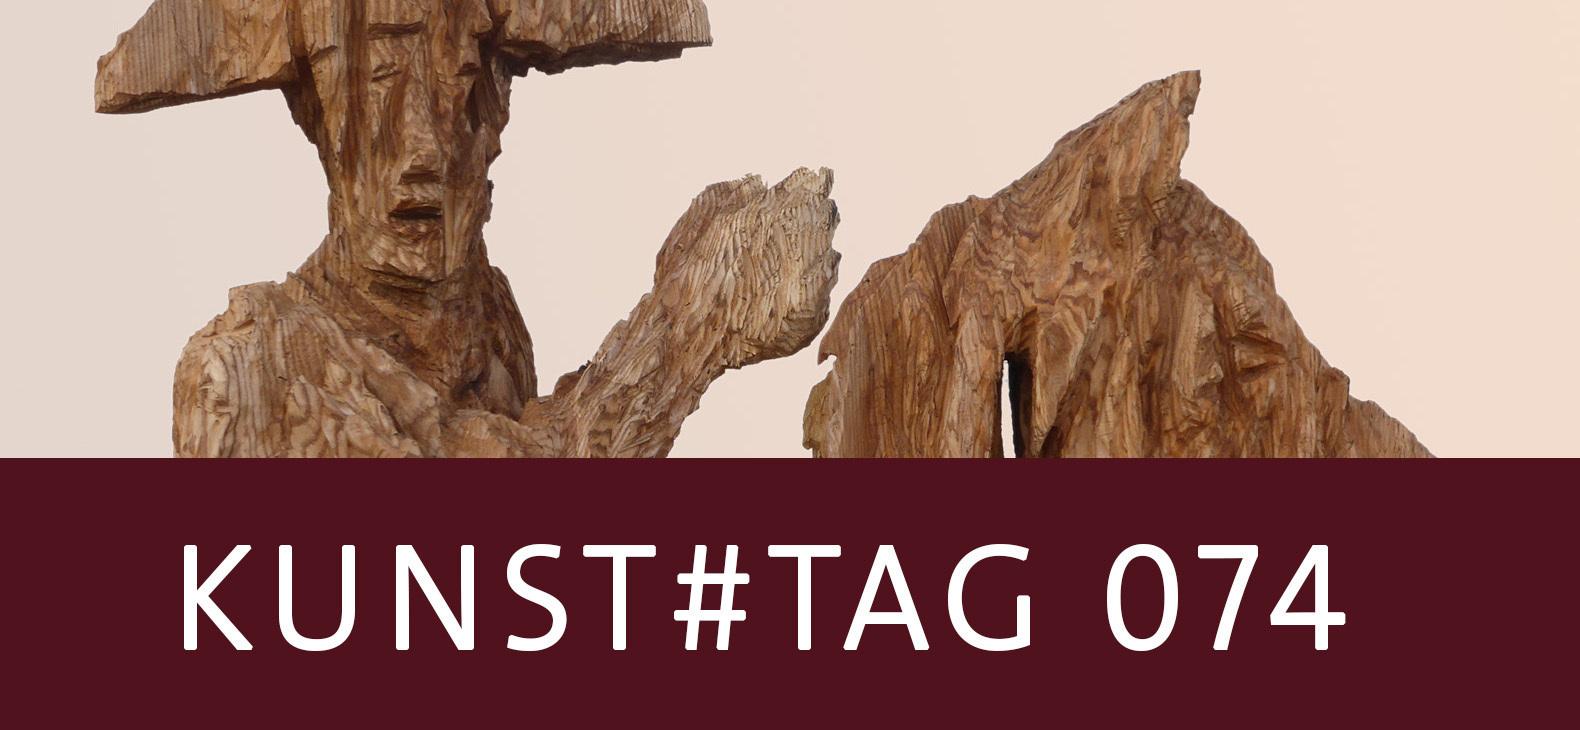 KUNST#TAG 074